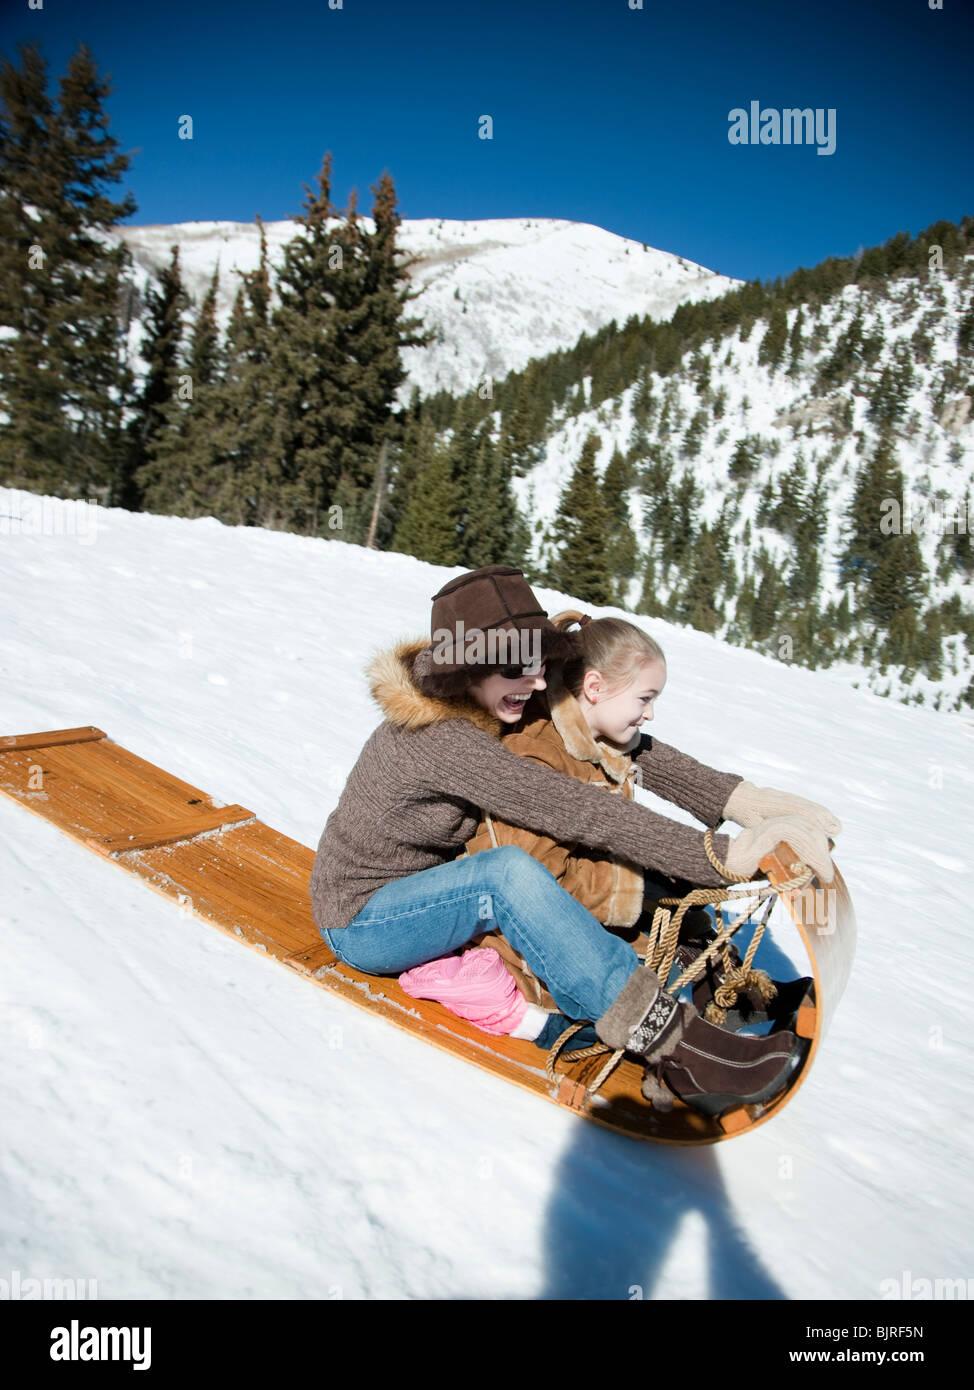 USA, Utah, Big Cottonwood Canyon, mother and daughter (8-9) tobogganing in mountains - Stock Image